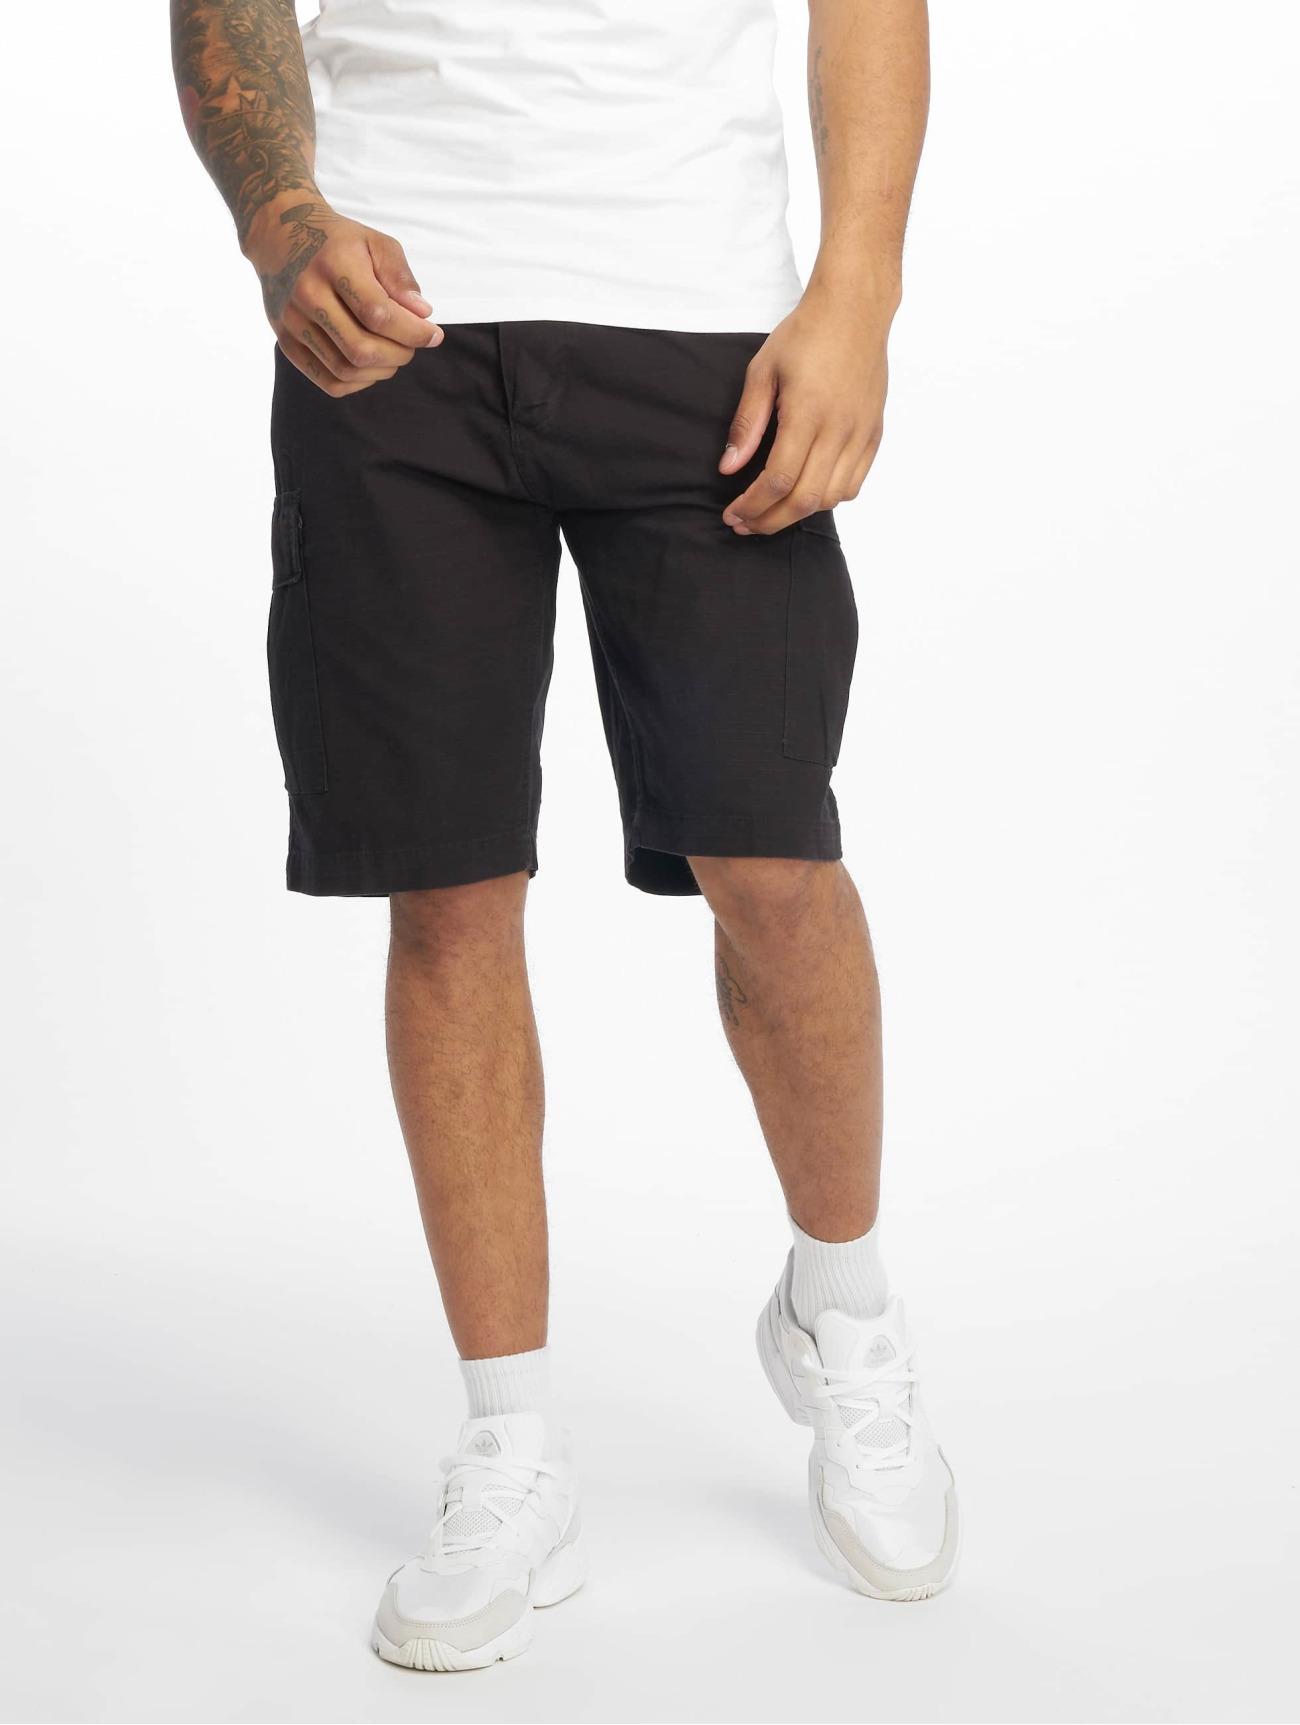 Brandit  BDU Ripstop   noir Homme Short  674201 Homme Pantalons & Shorts